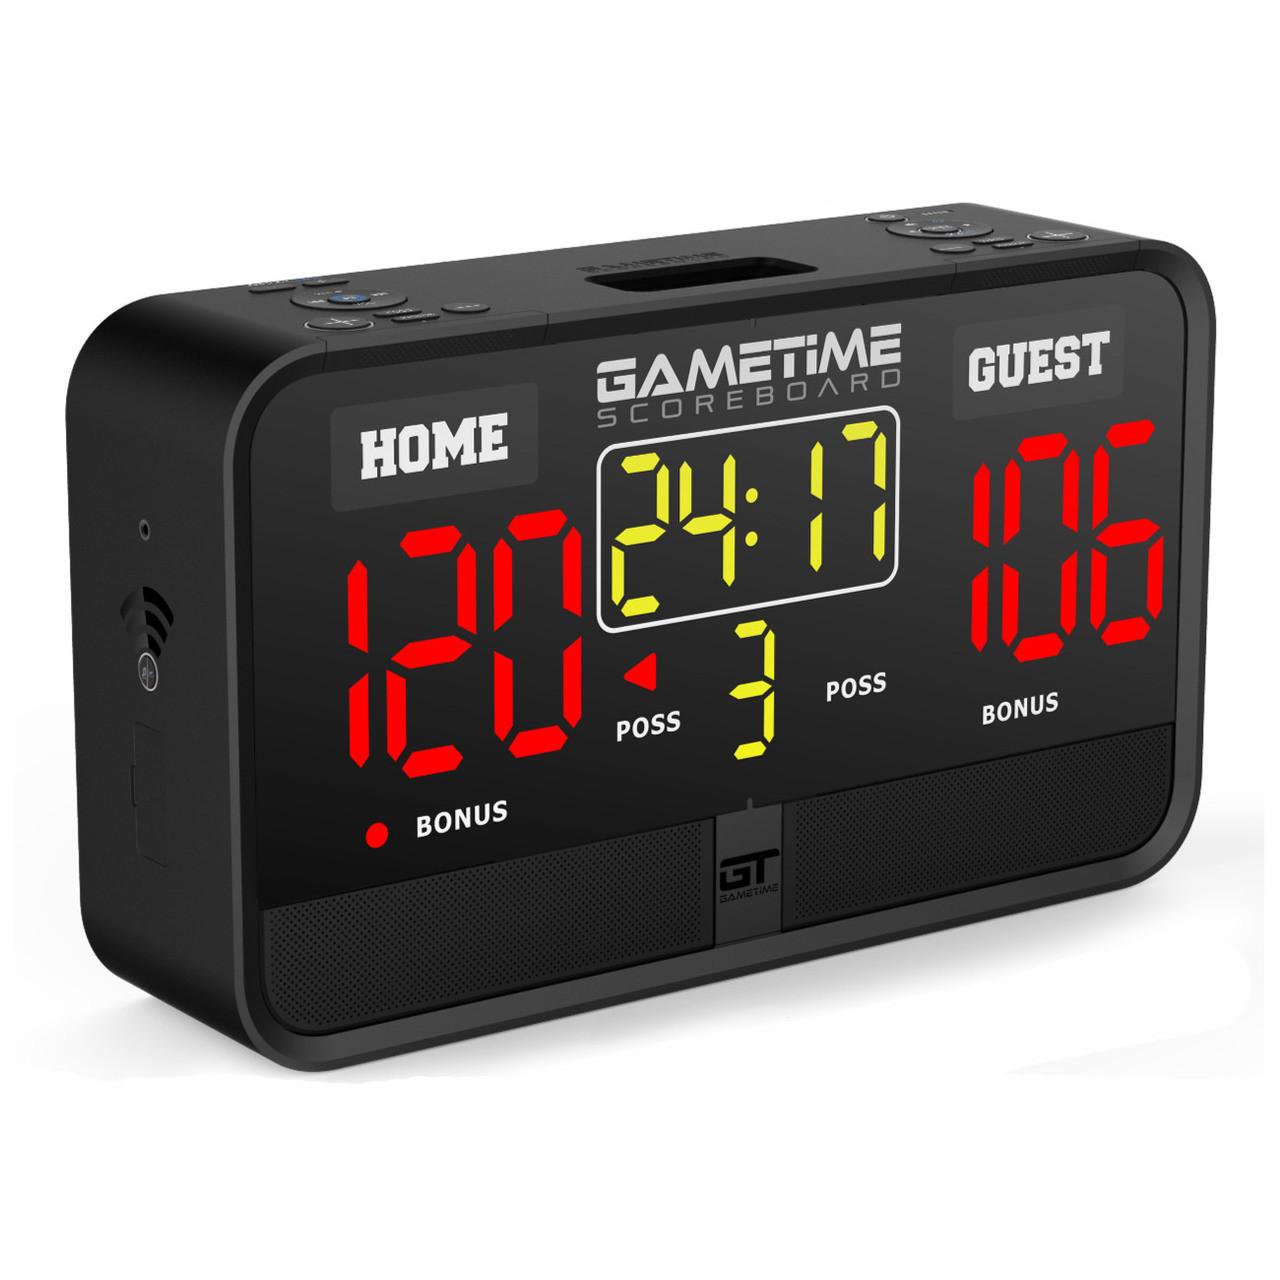 Gametime Multisport Scoreboard